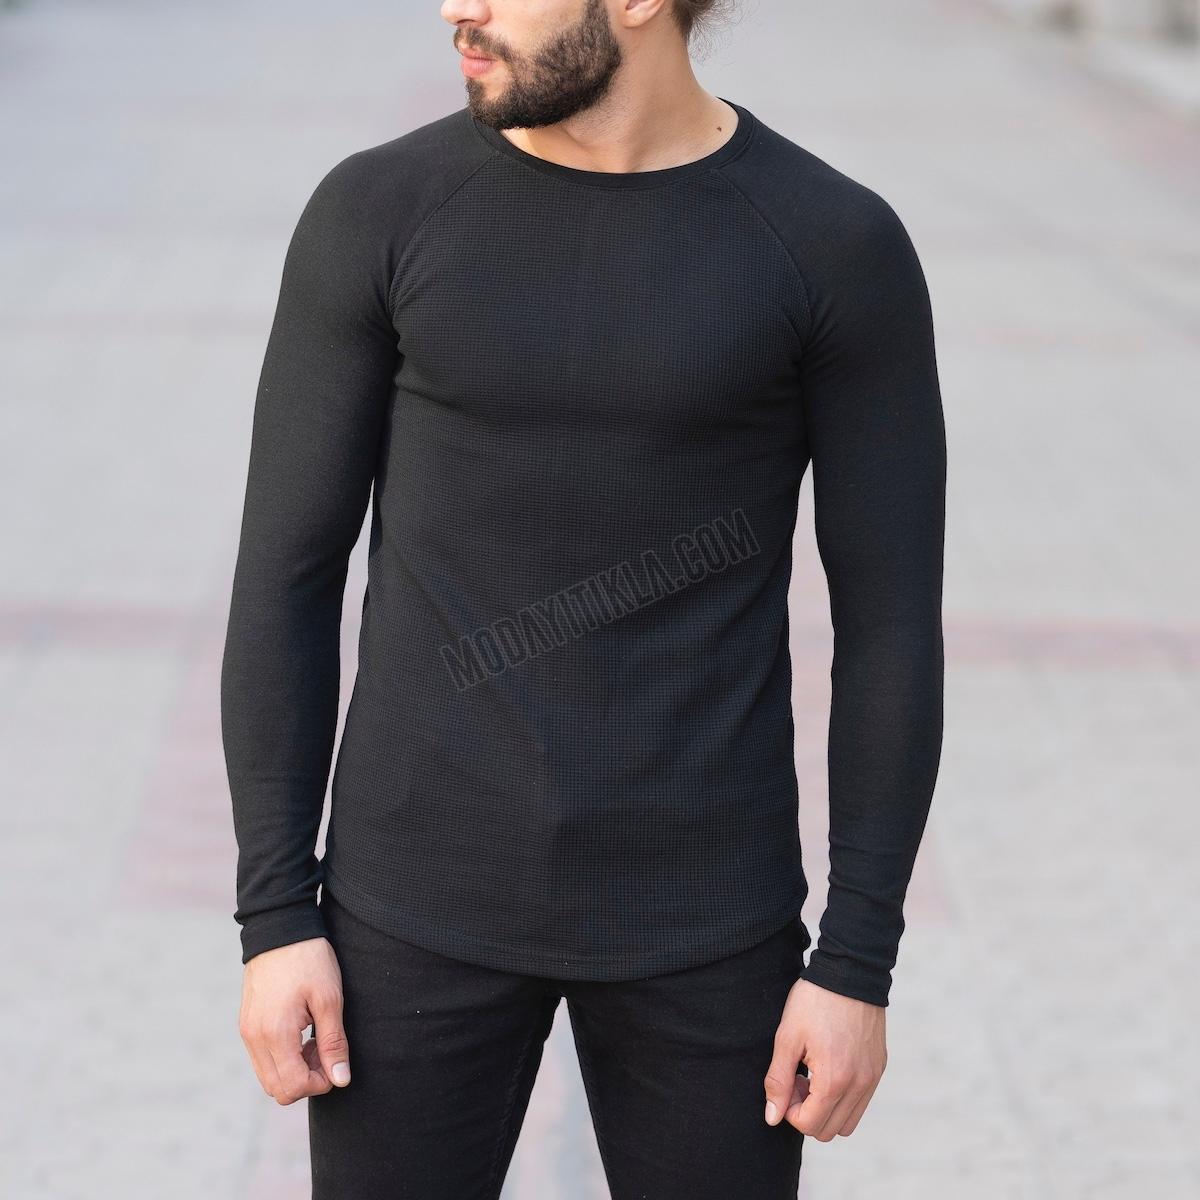 Erkek Gövdesi İşlemeli Detaylı Siyah Sweatshirt